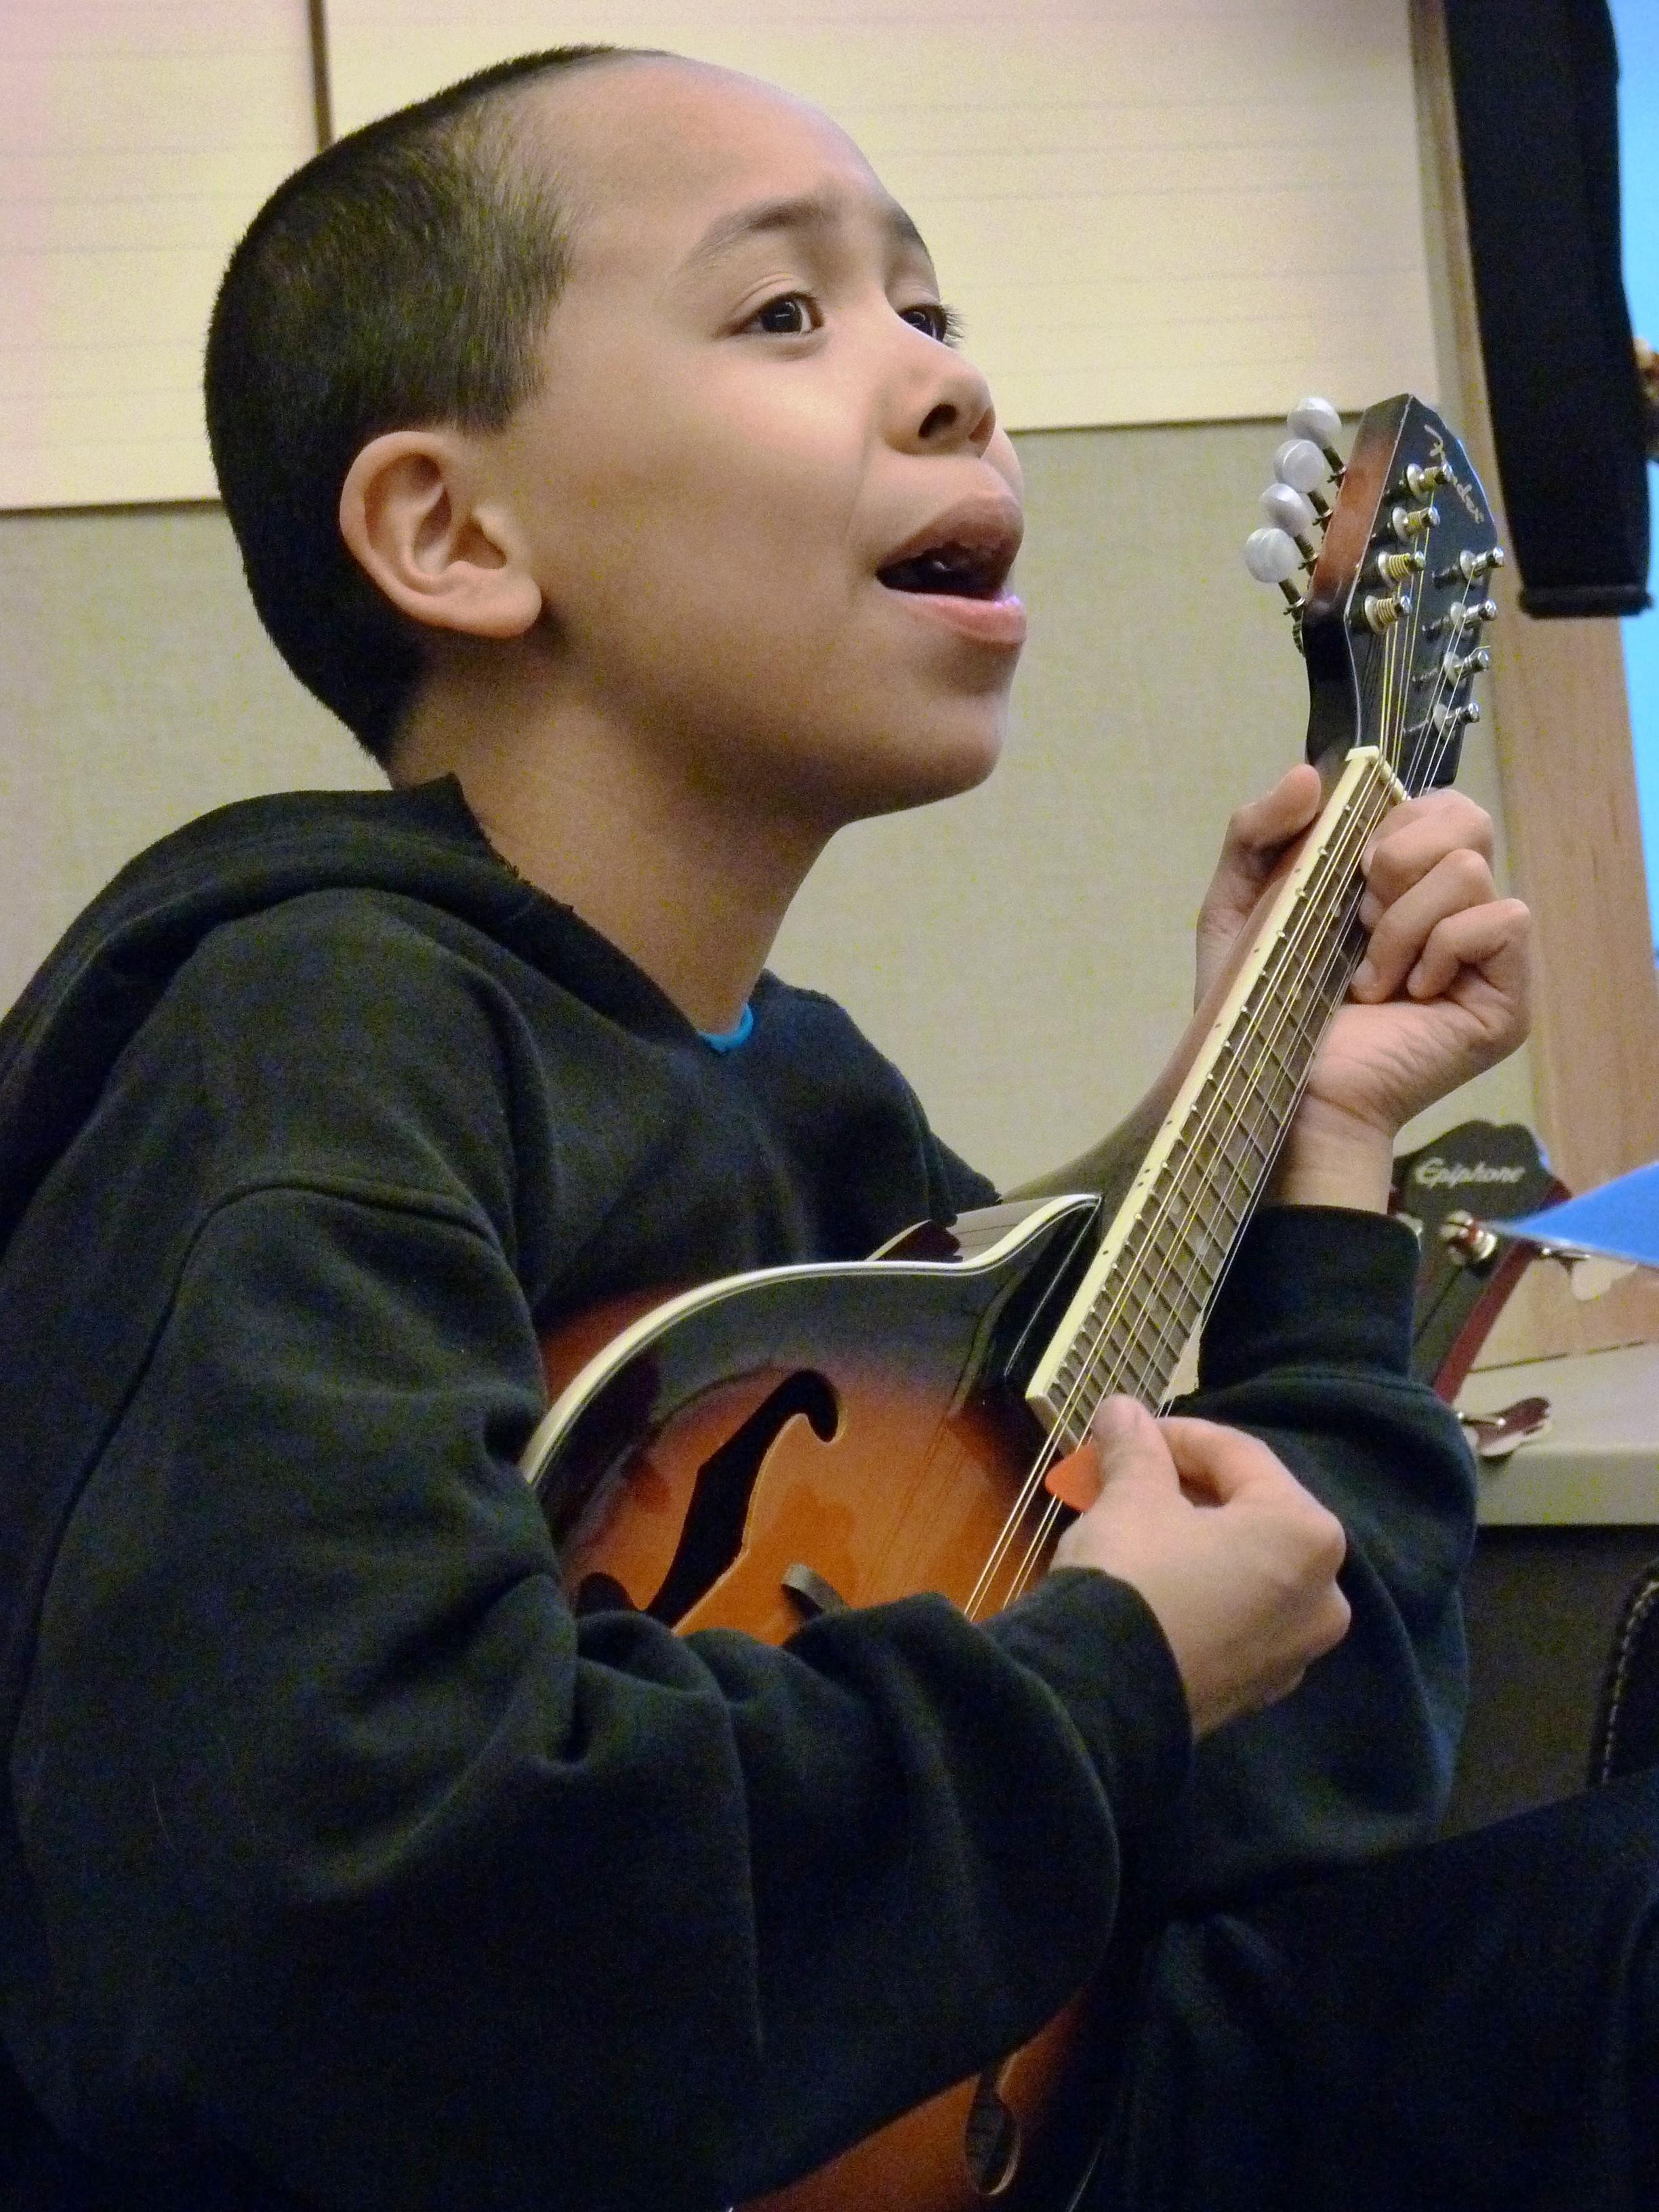 essay films instrument social reform  essay films instrument social reform